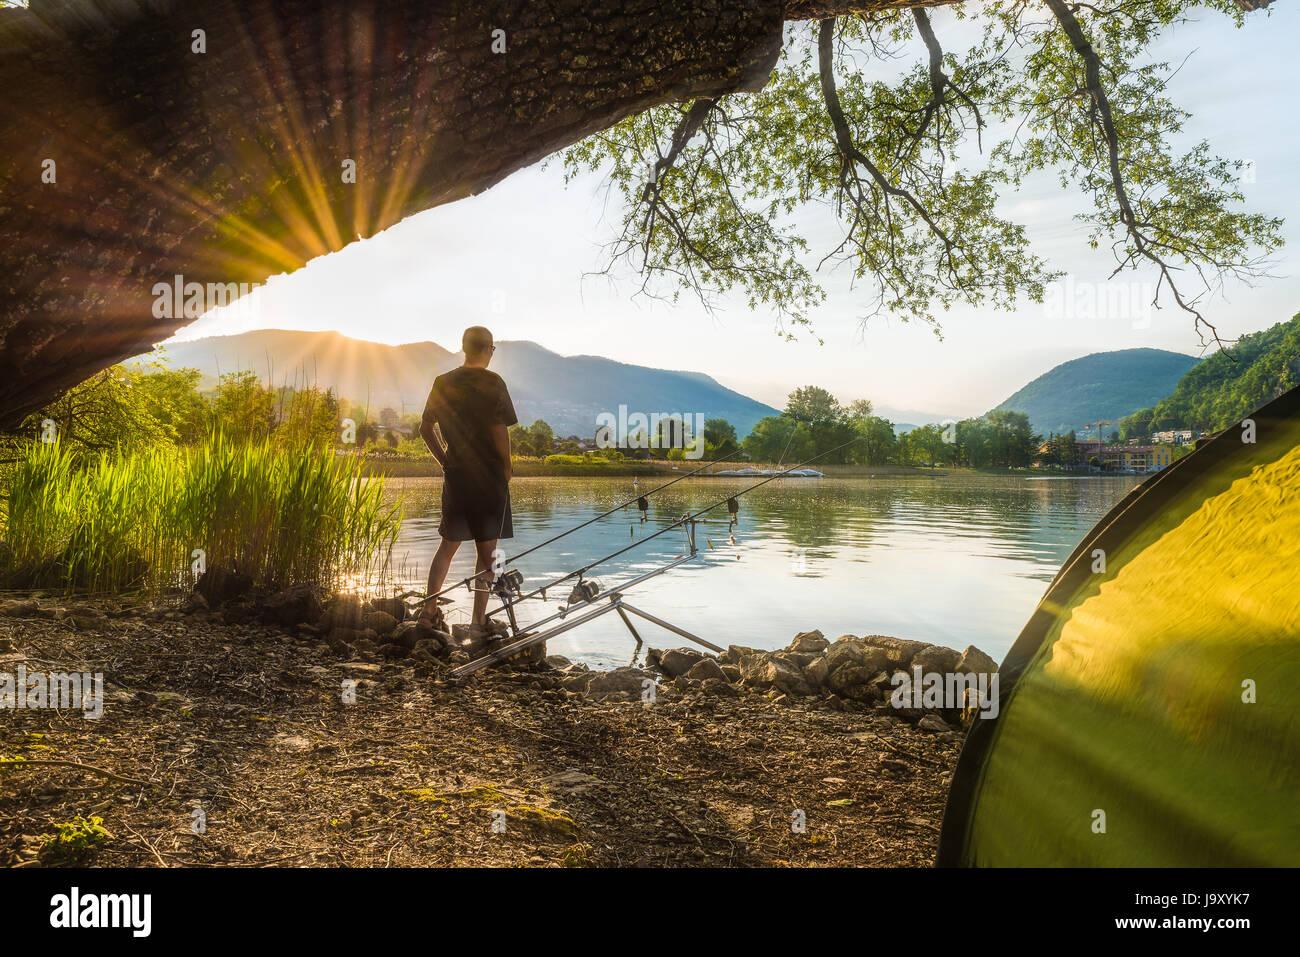 Le avventure di pesca, la pesca alla carpa. Il pescatore, al tramonto, è la pesca con carpfishing tecnica. Immagini Stock